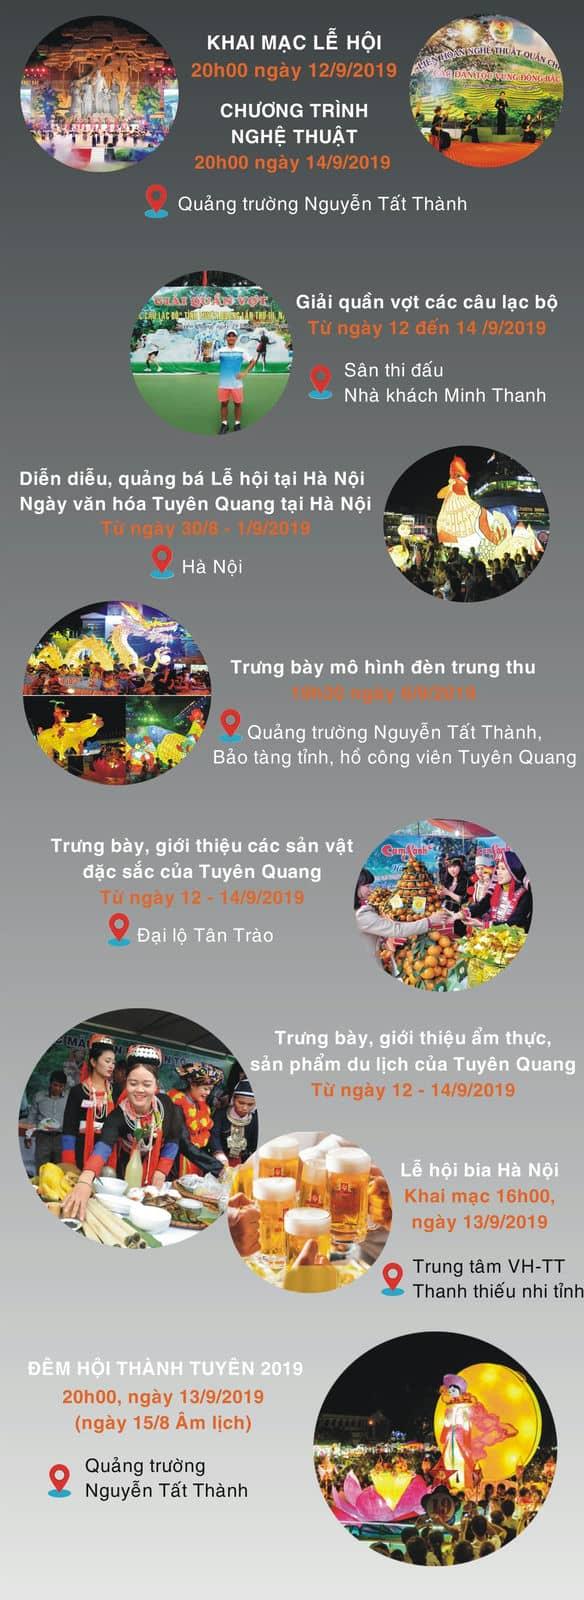 Timeline chuỗi hoạt động trong 3 ngày tổ chức lễ hội thành Tuyên 2019